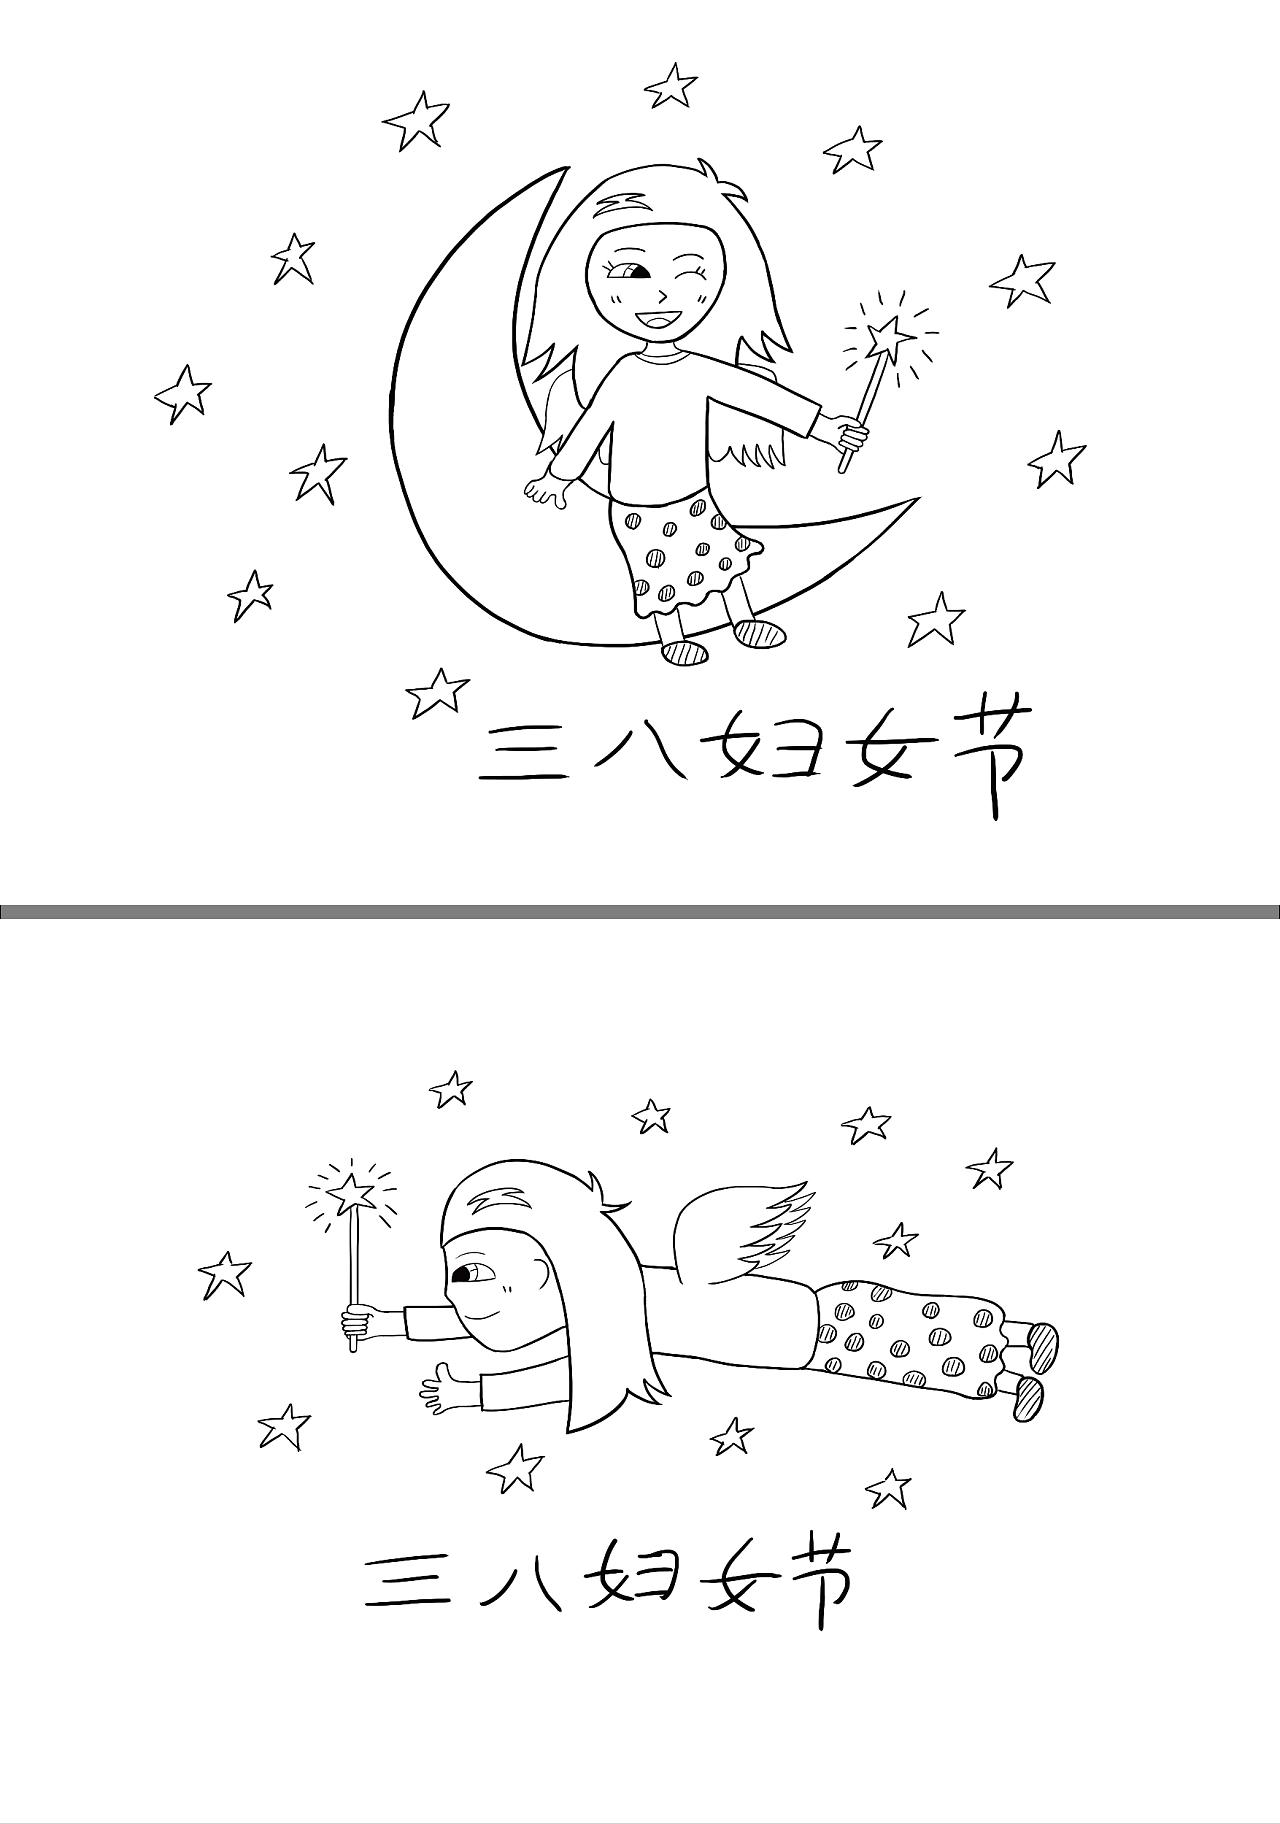 简笔画-生活段子1|插画|插画习作|白云星空 - 原创